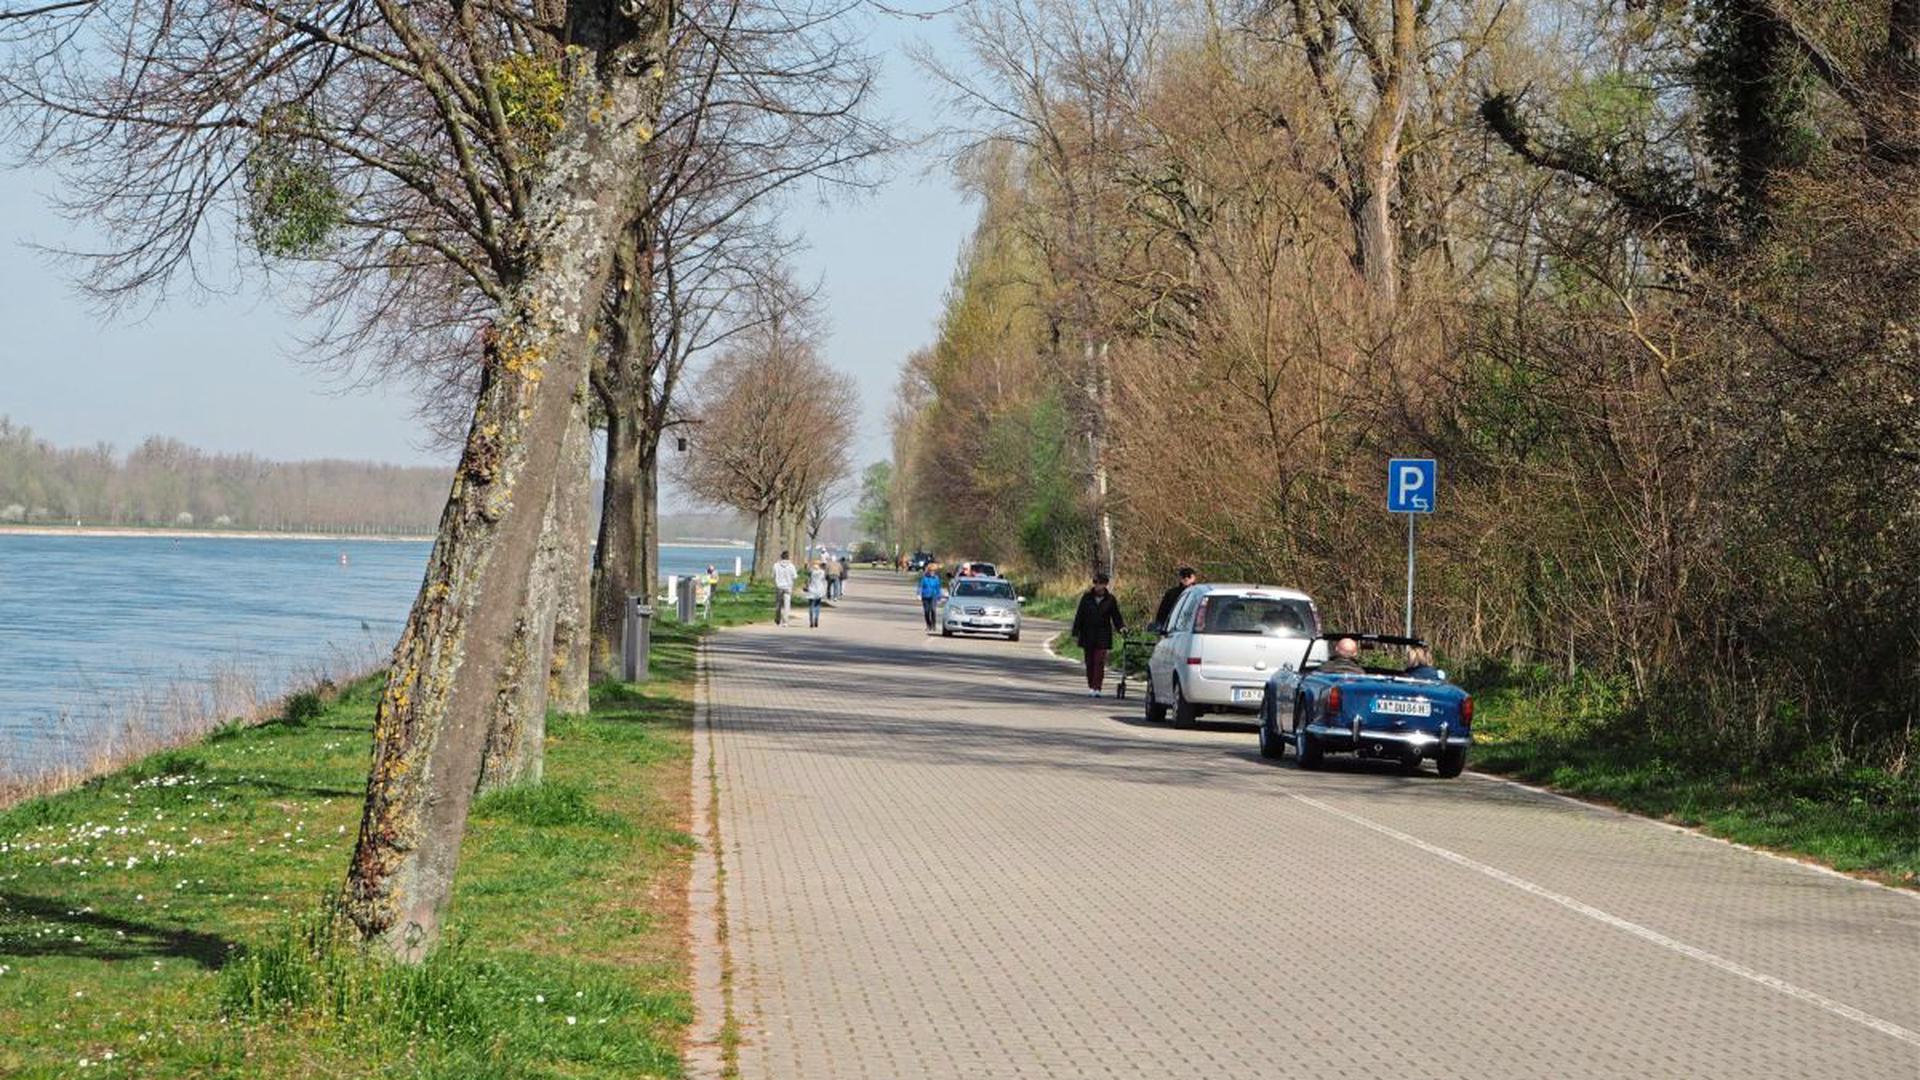 Wenig los wegen des Coronavirus: An einem normalen Samstag im Frühling steht am Rhein bei Plittersdorf Auto an Auto.